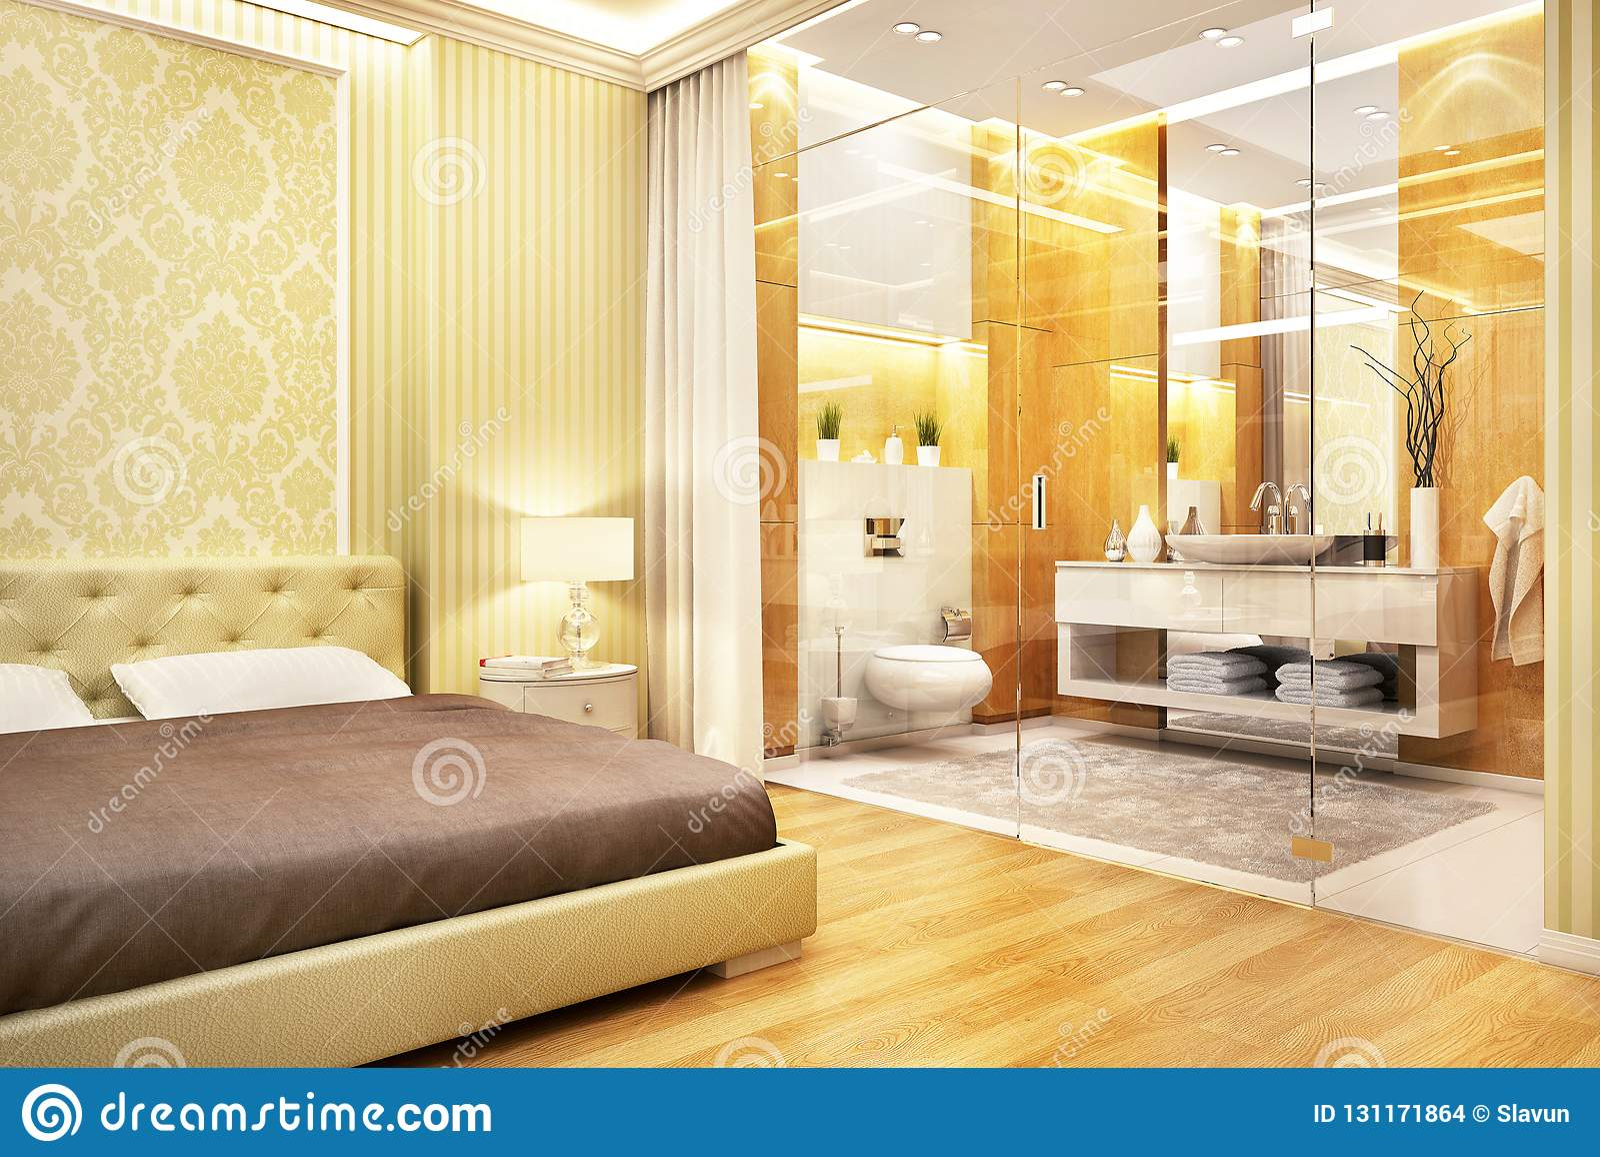 Cuarto De Baño Del Diseño Moderno En Dormitorio Foto de ...